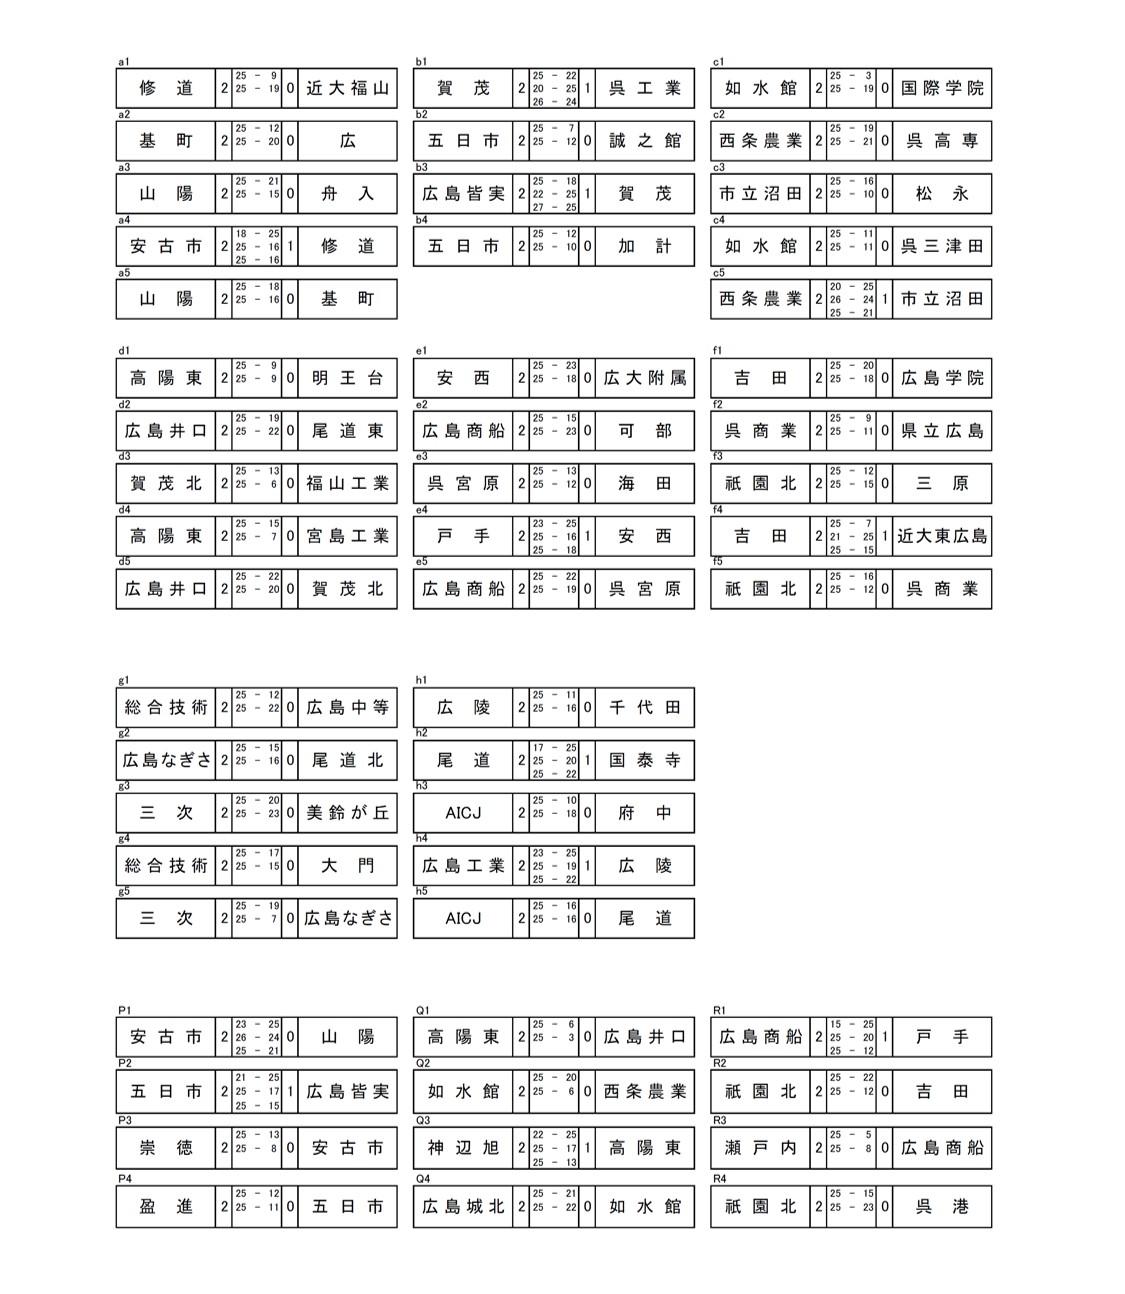 2020年度_全日本高校選手権_広島予選_男子_最終結果_2